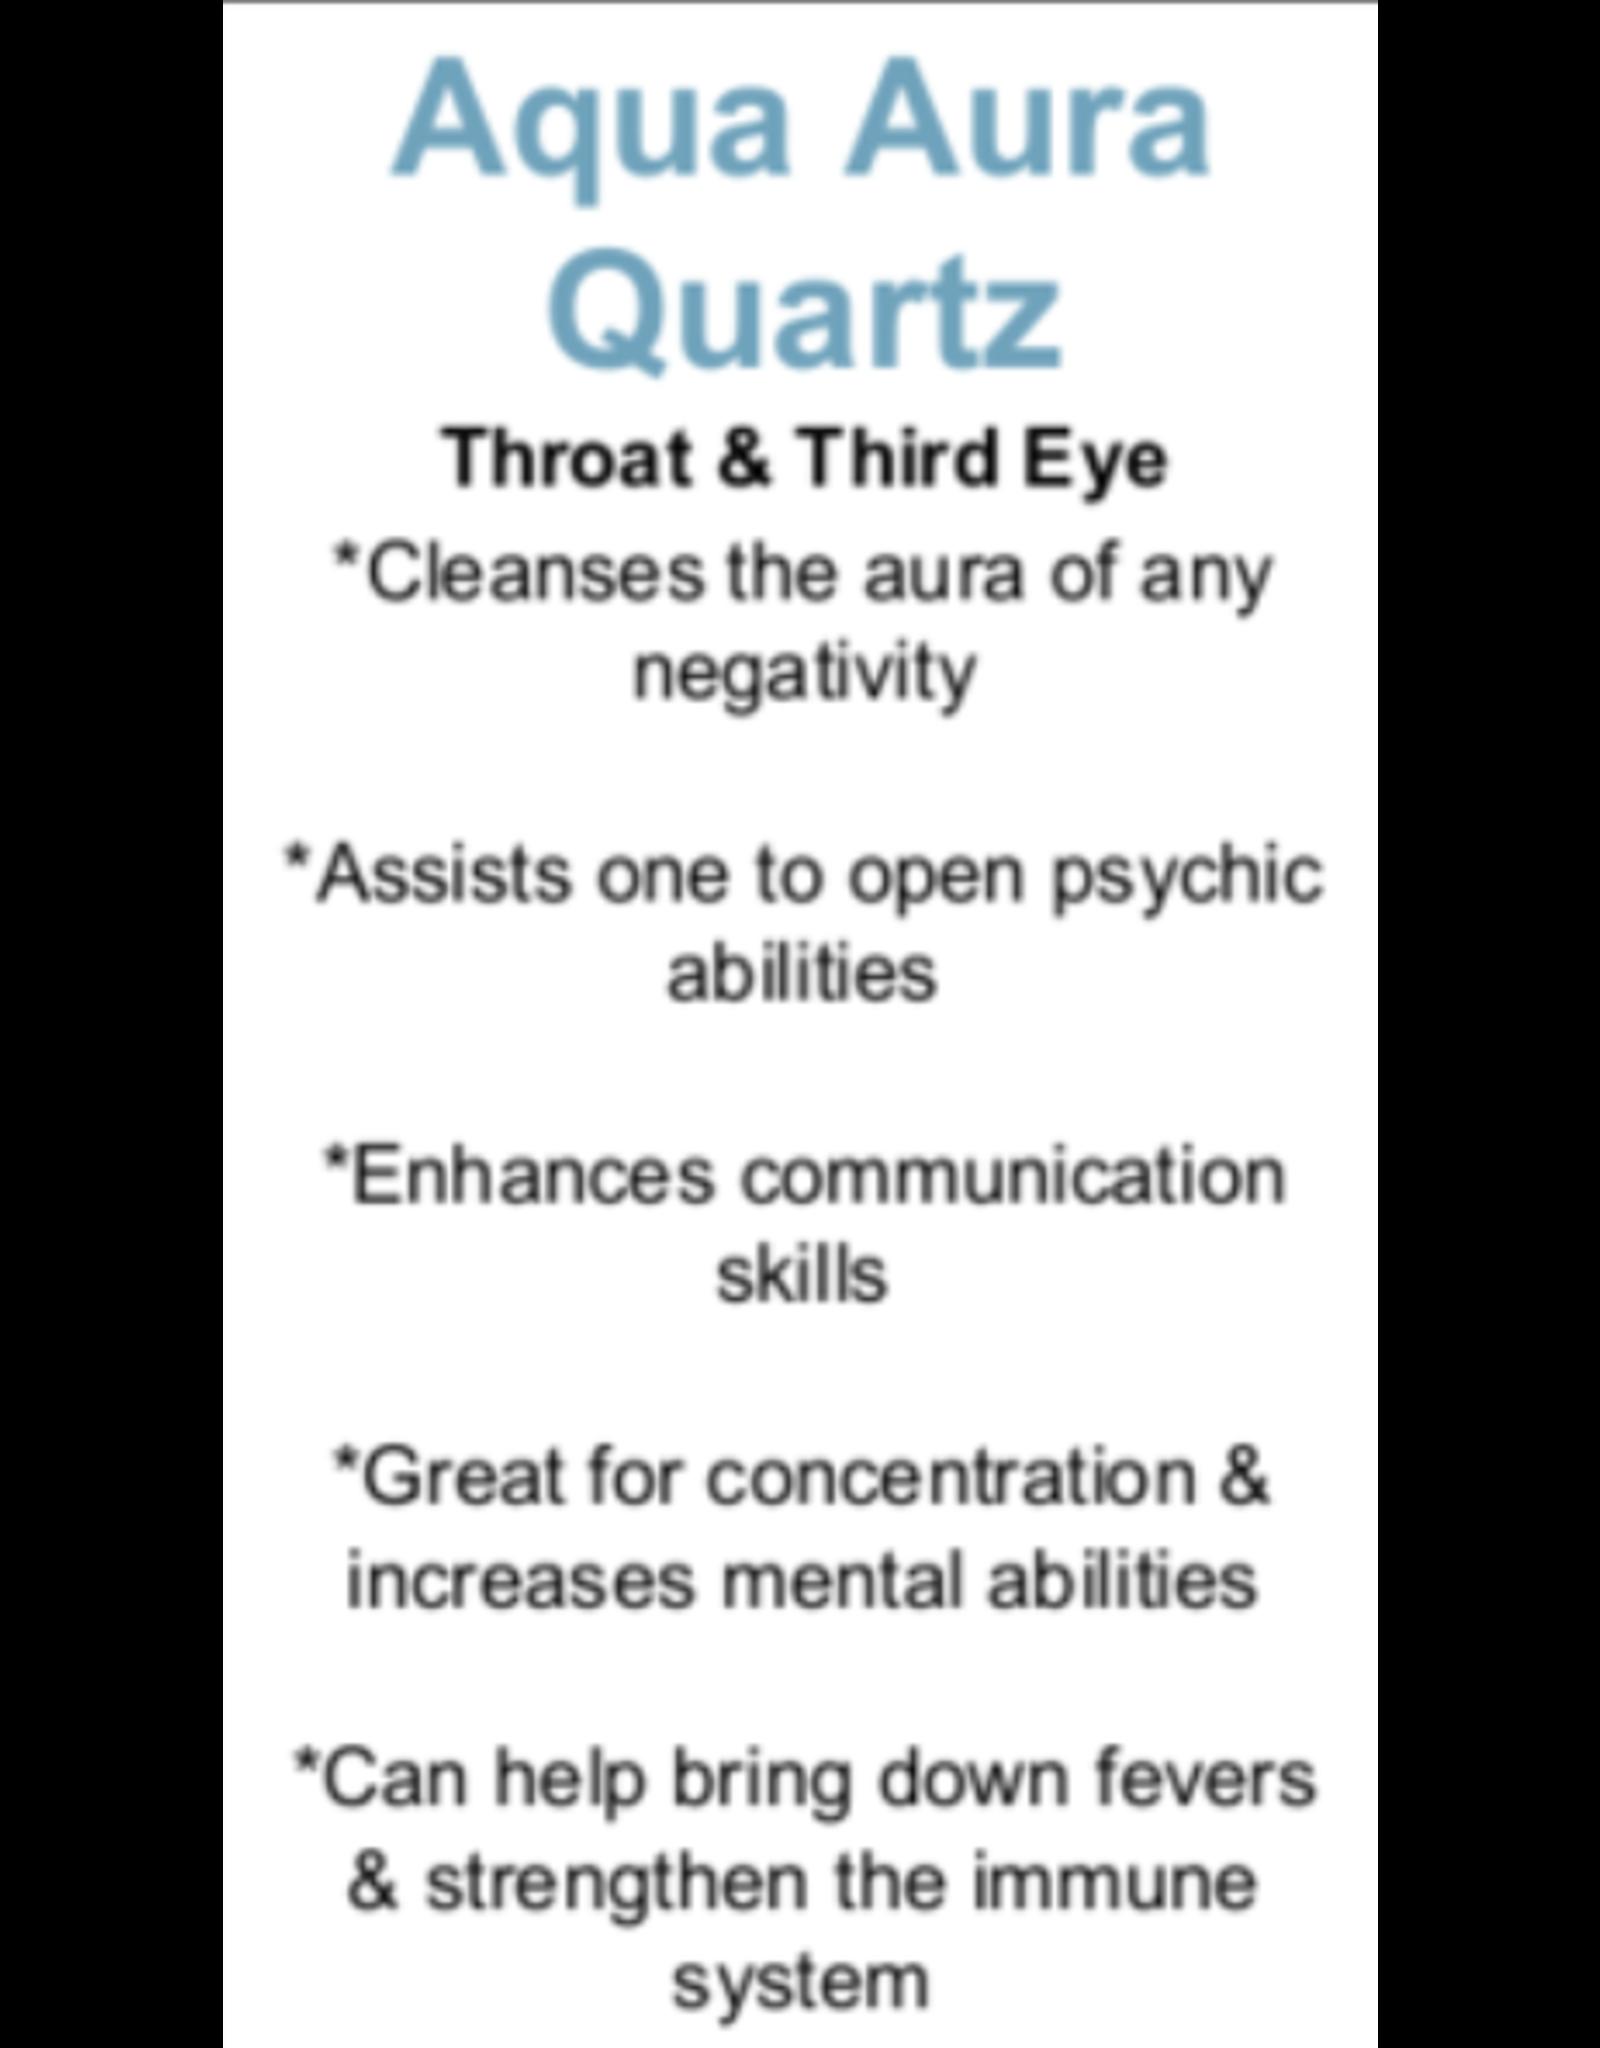 Aqua Aura Quartz - Card